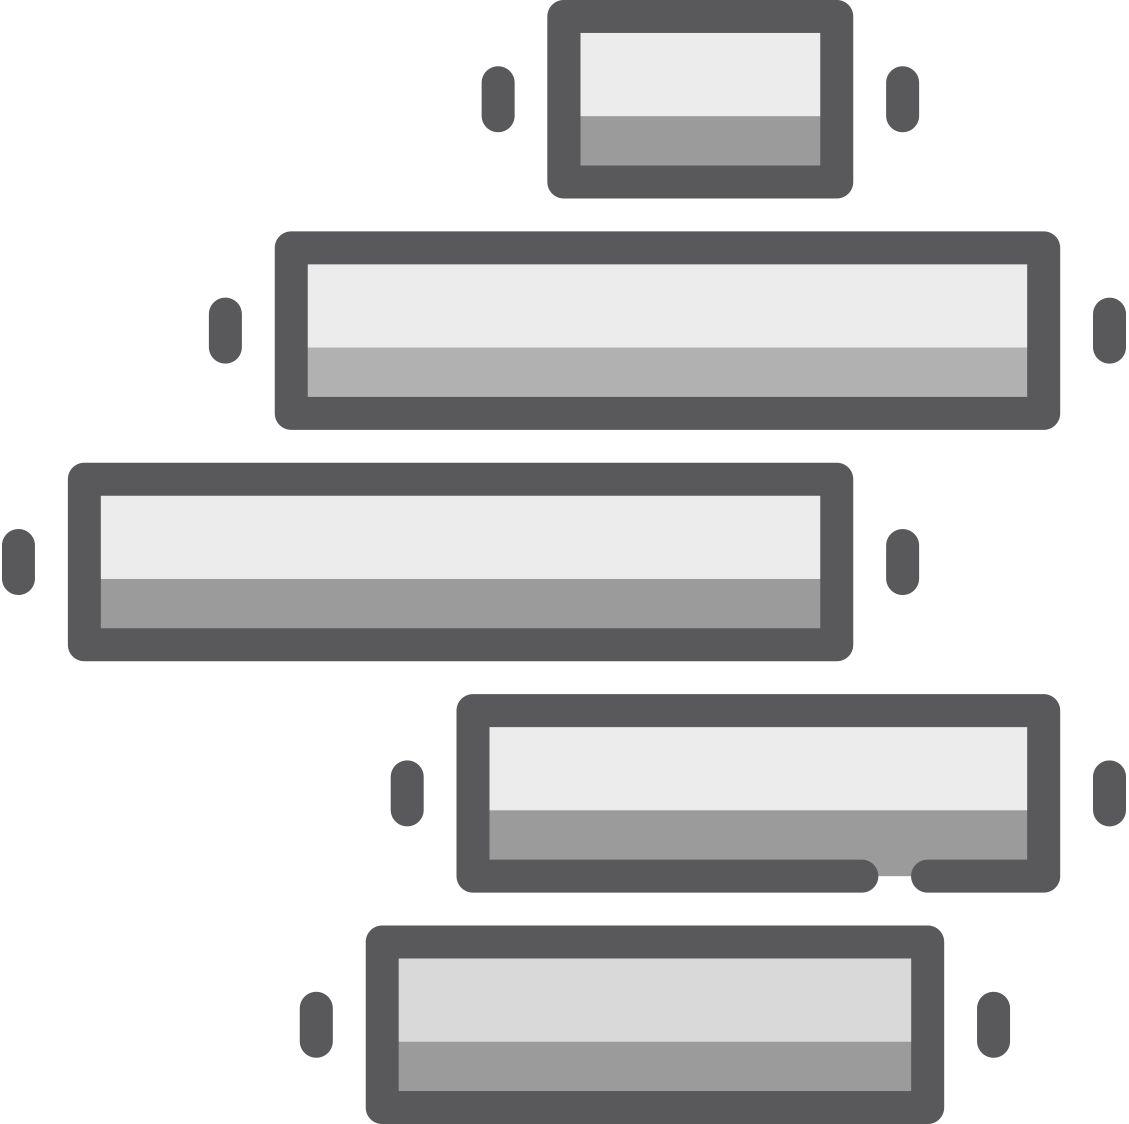 RAT_Fassadenkonfigurator_Schritt3_optimize.png